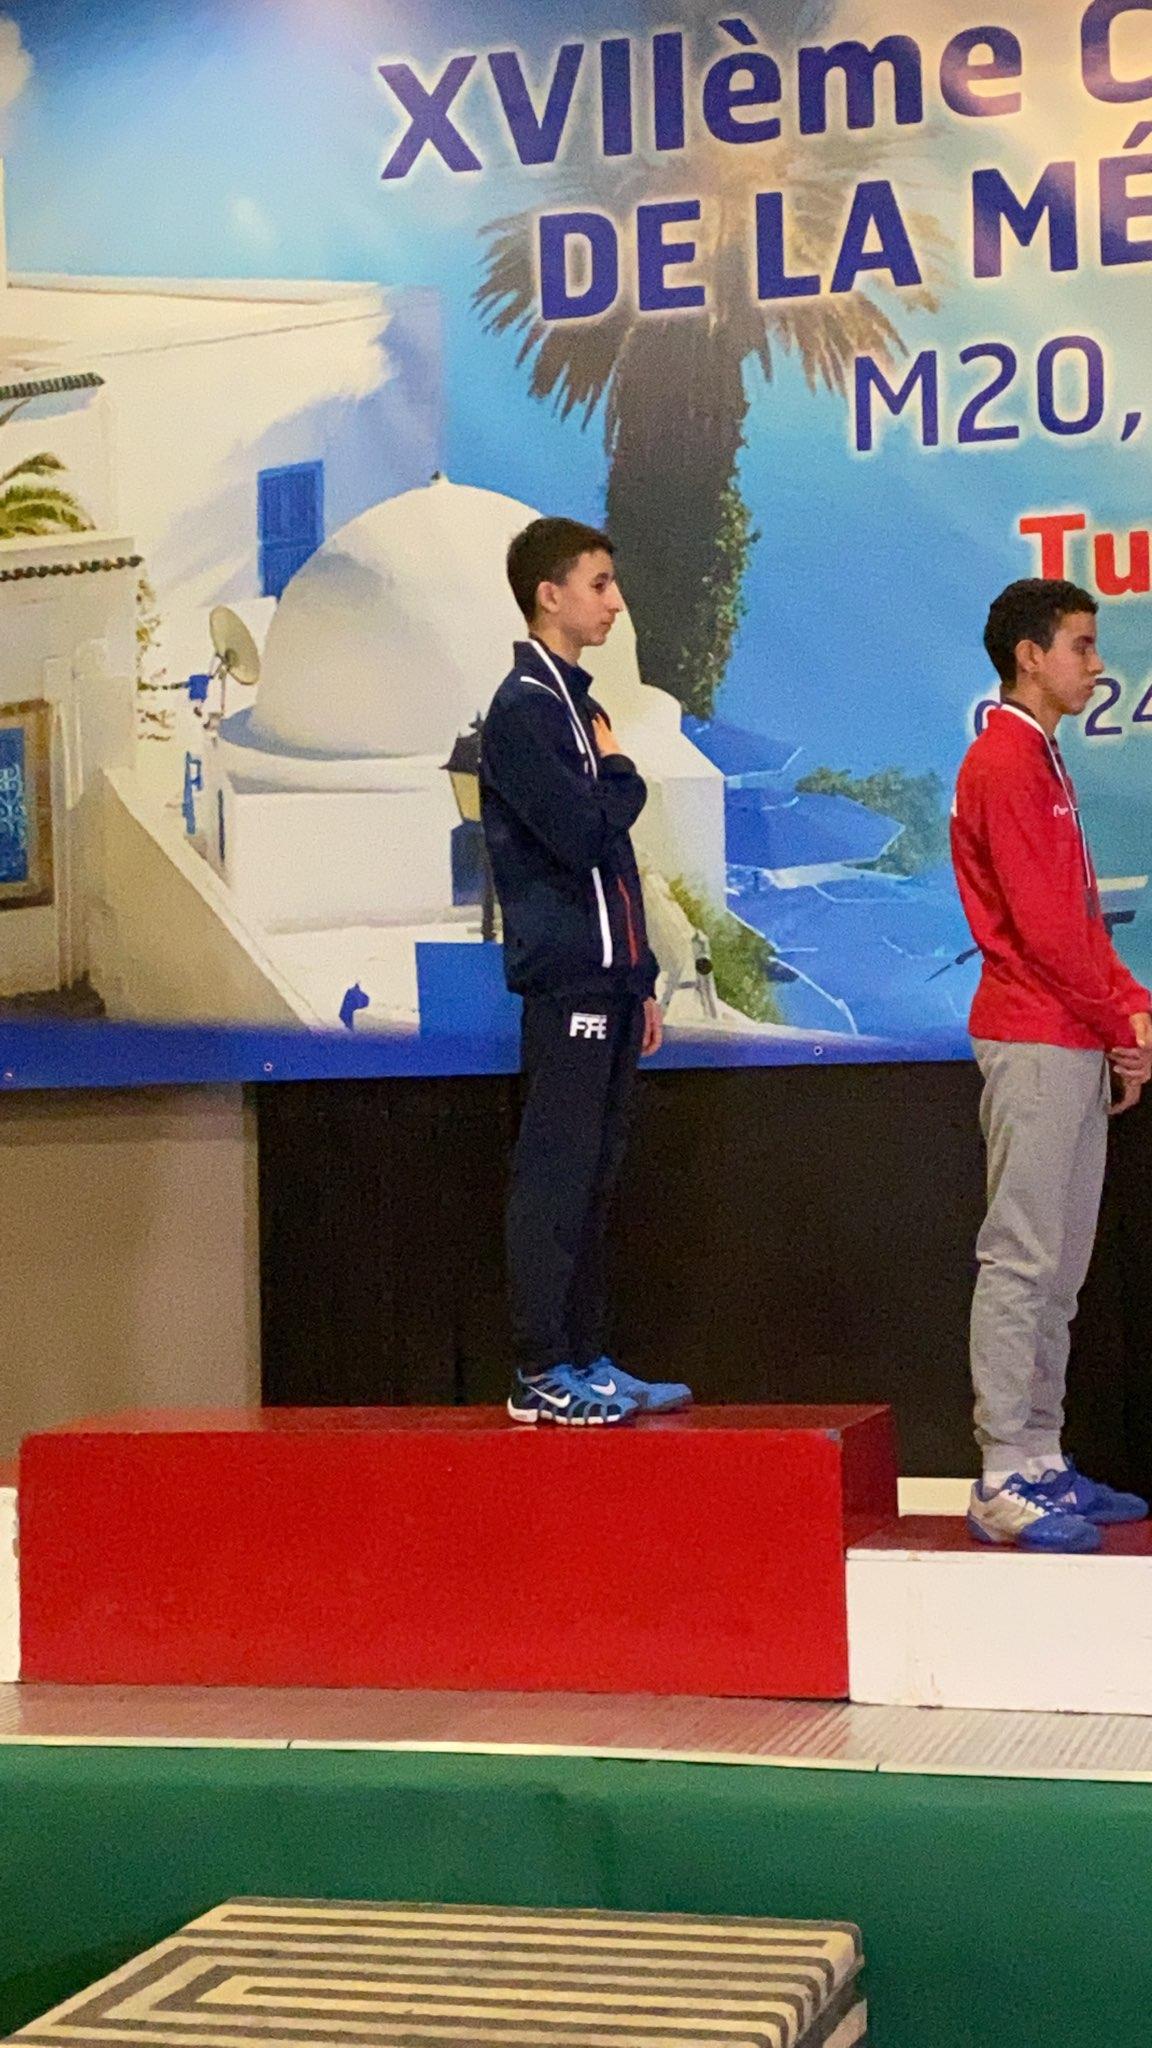 Championnats M15 à Tunis 25 janvier 2020 vainqueur HUGO VALIERE